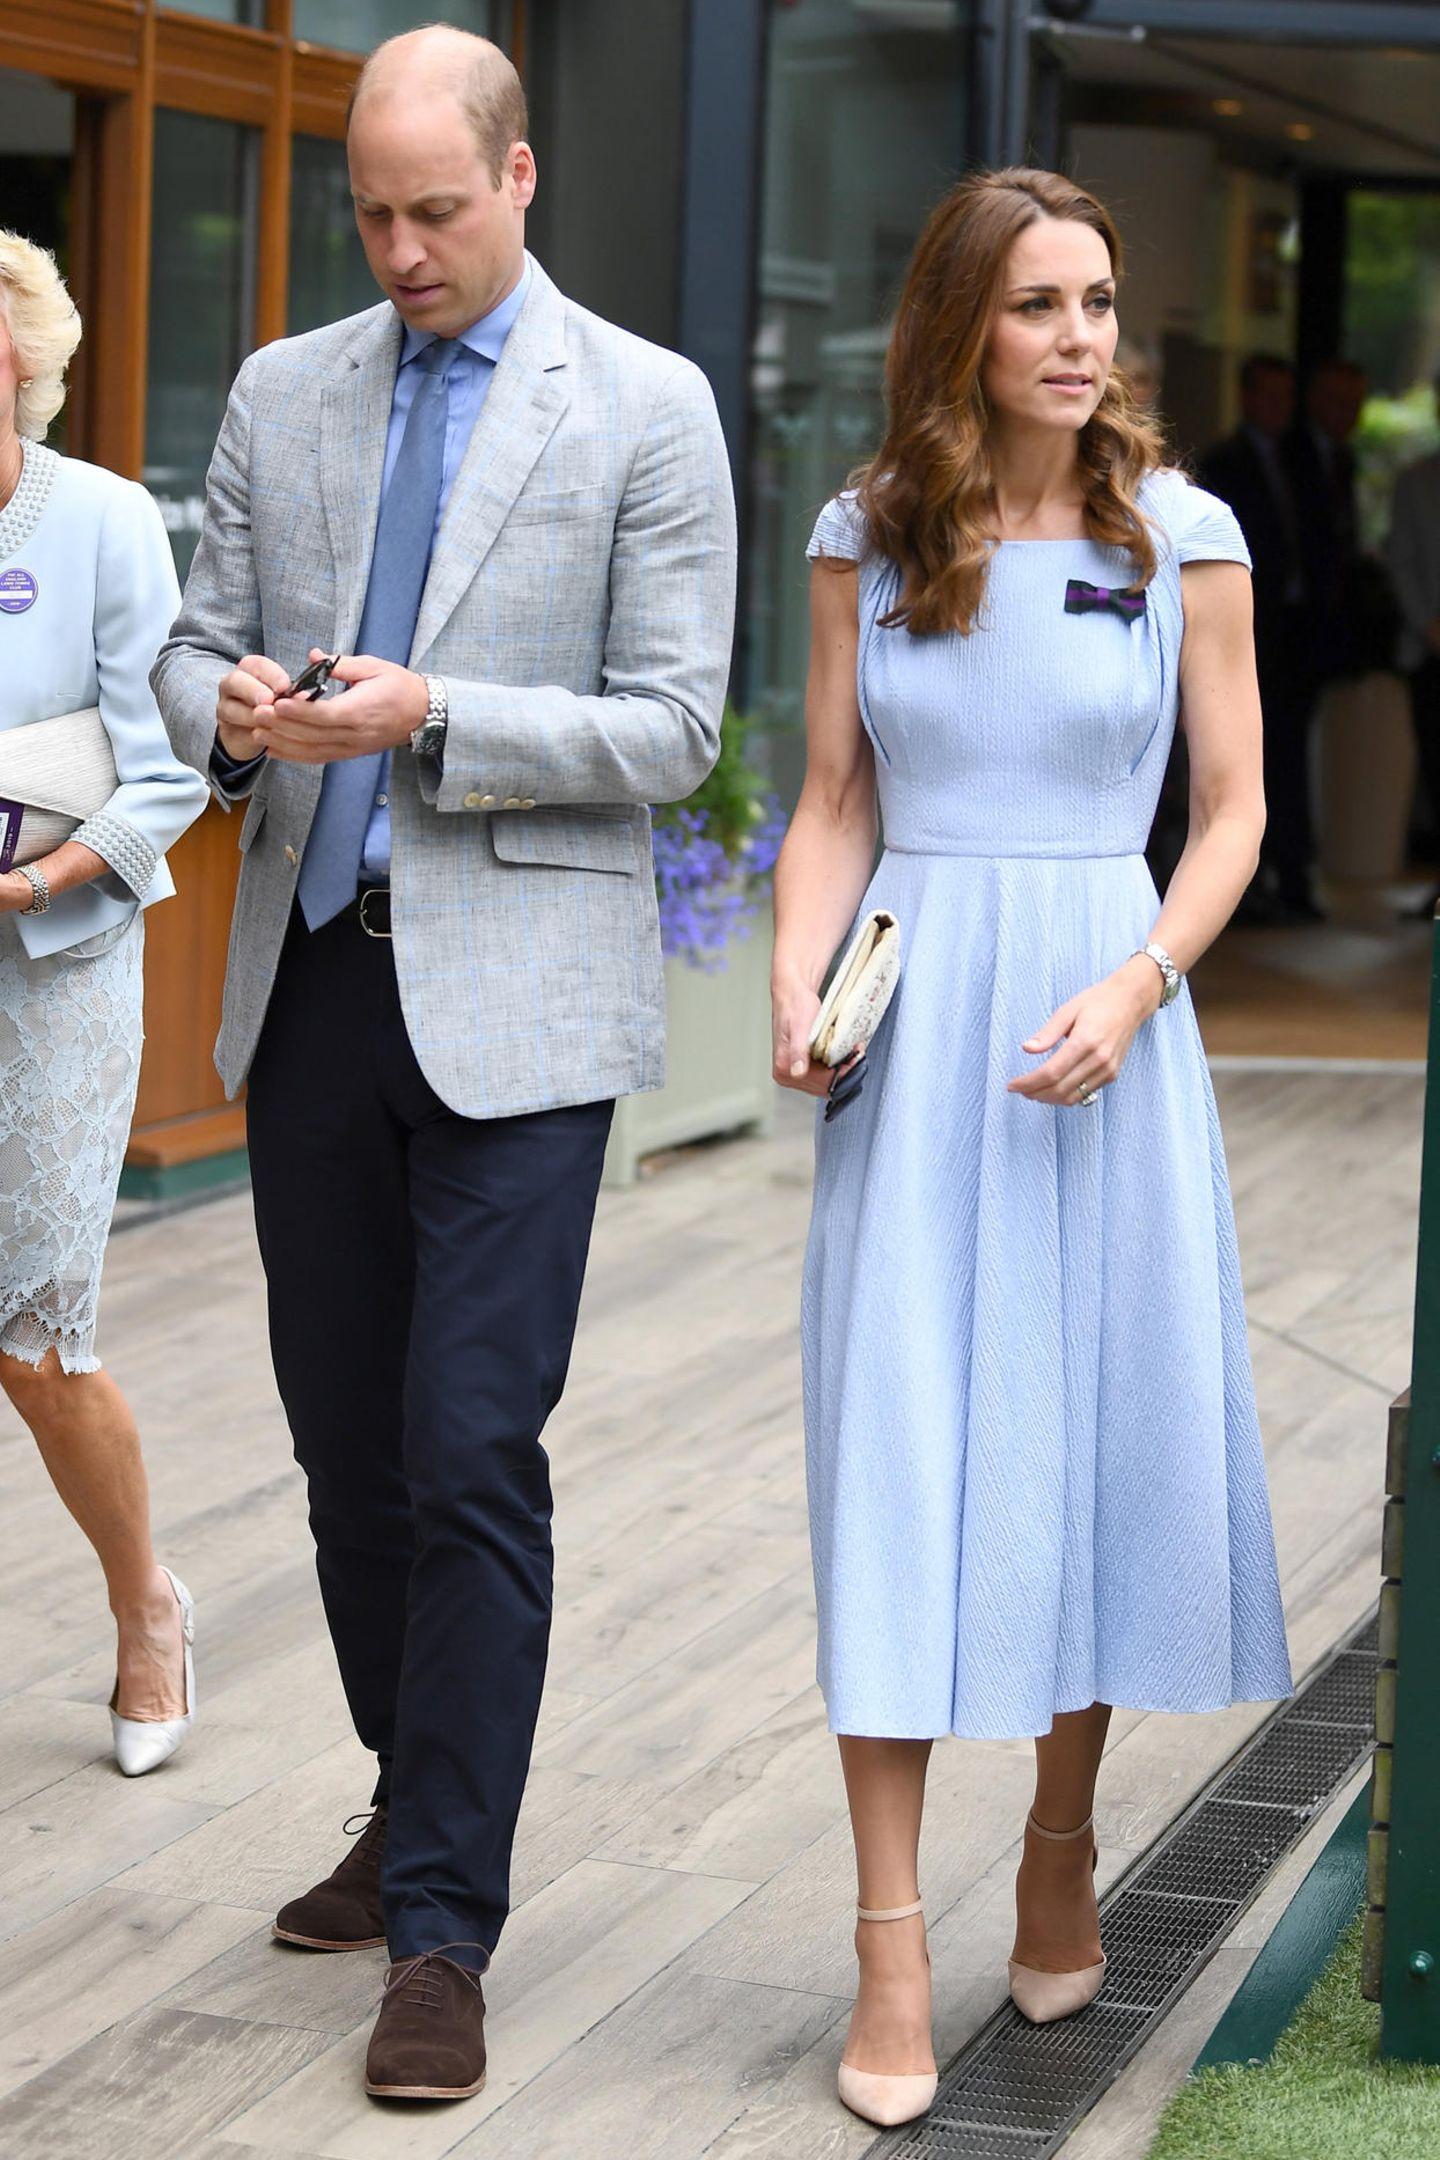 Zum Herren-Finale kommt Herzogin Catherine gemeinsam mit ihrem Ehemann, Prinz William. Das Paar scheint sich farblich aufeinander abgestimmt zu haben - William trägt ein hellblaues Hemd, das perfekt zu Kates Kleid passt. Zu ihrem hellblauen Midi-Kleid mit eleganten Raffungen und einer schönen Taille, kombiniert Catherine helle Accessoires.